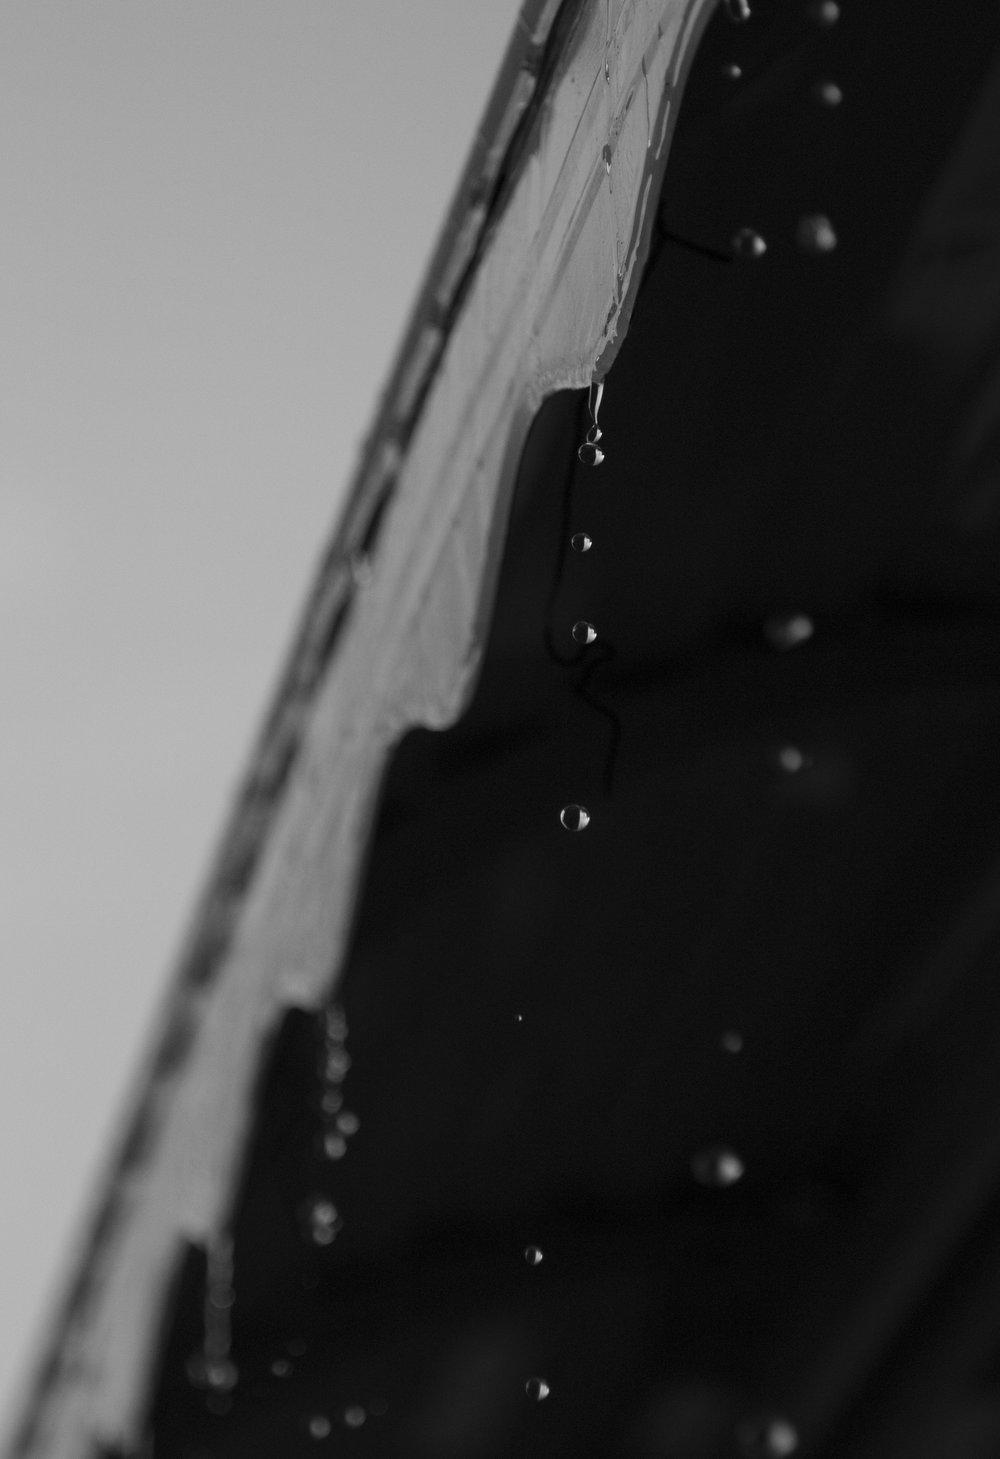 bushdropsmedium.jpg